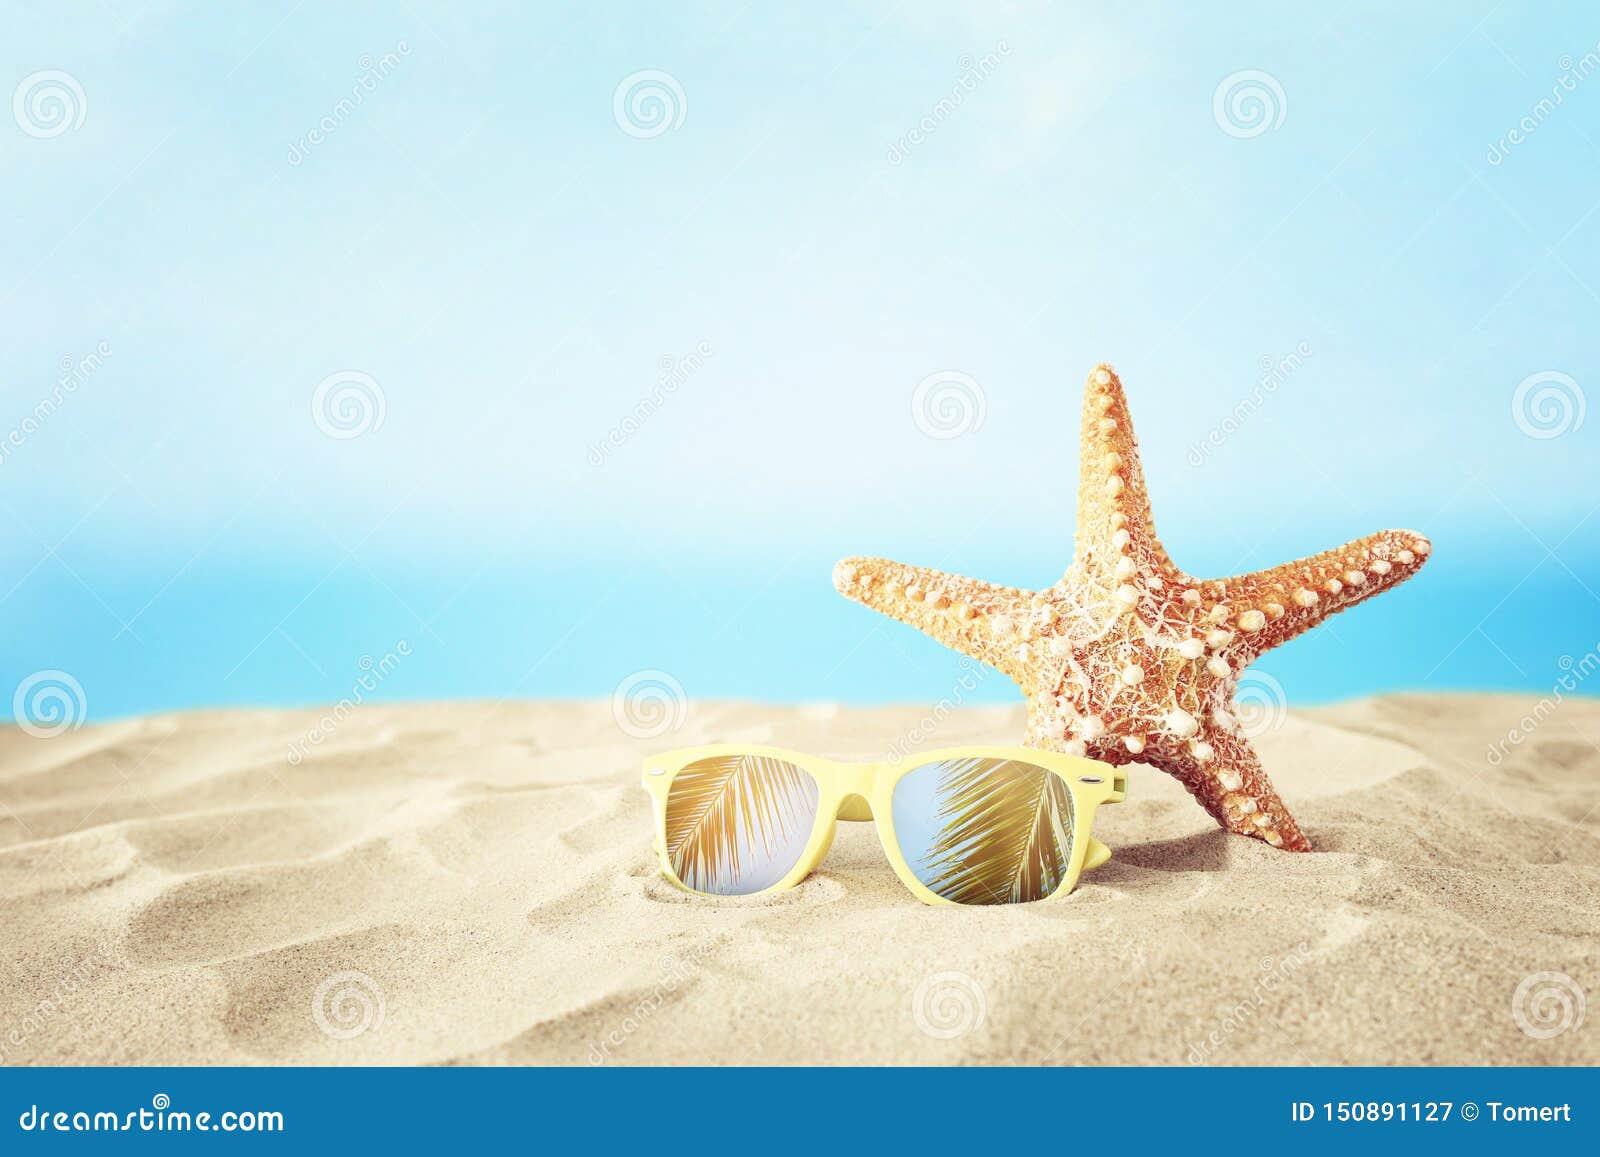 Ferier sandstrand, solglasögon och sjöstjärna framme av sommarhavsbakgrund med kopieringsutrymme